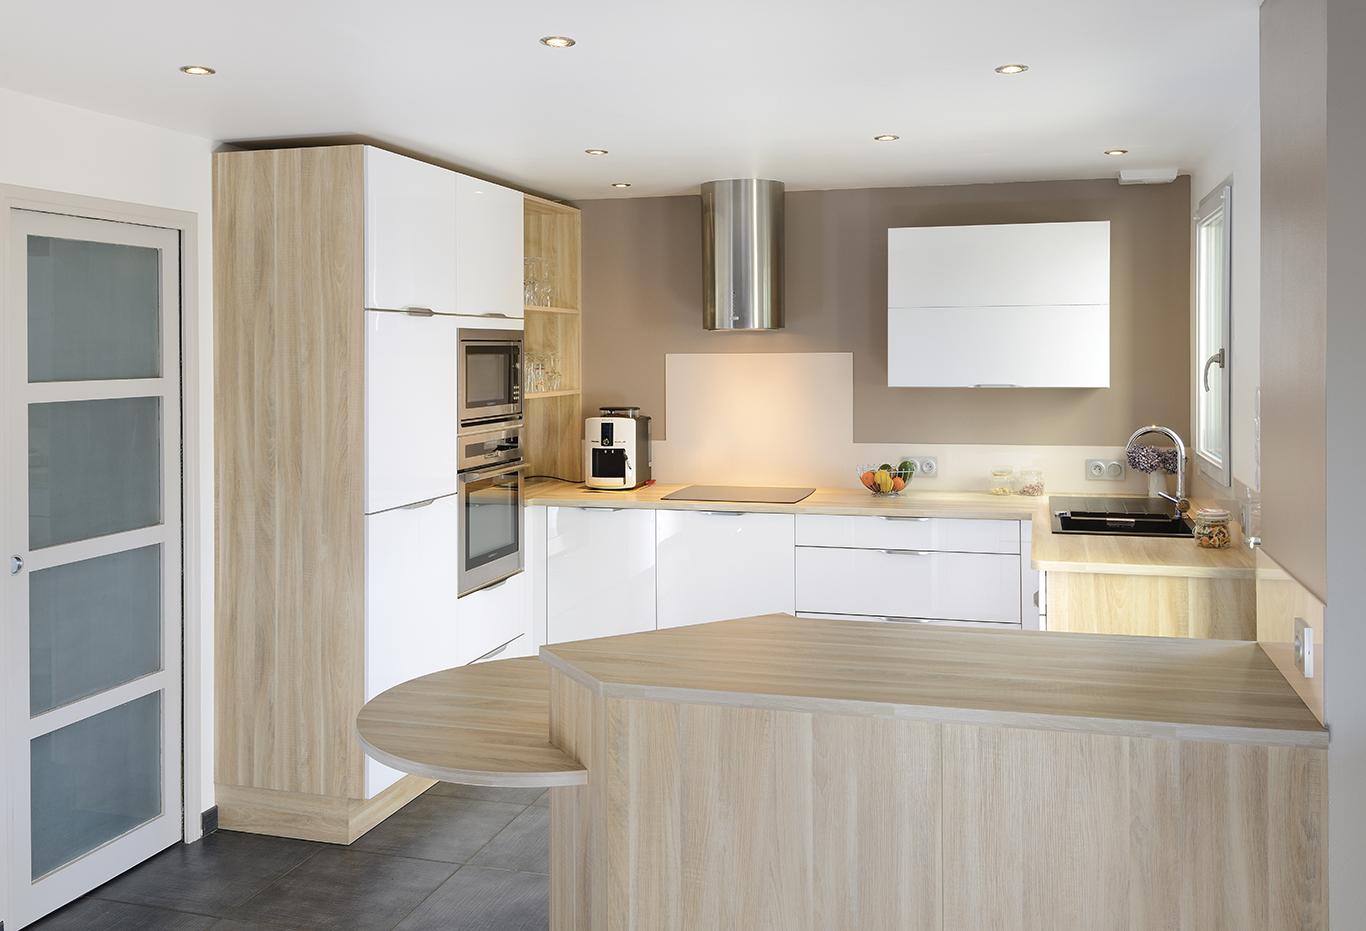 Cuisine Frene Blanc - Maison Design - Edfos.com